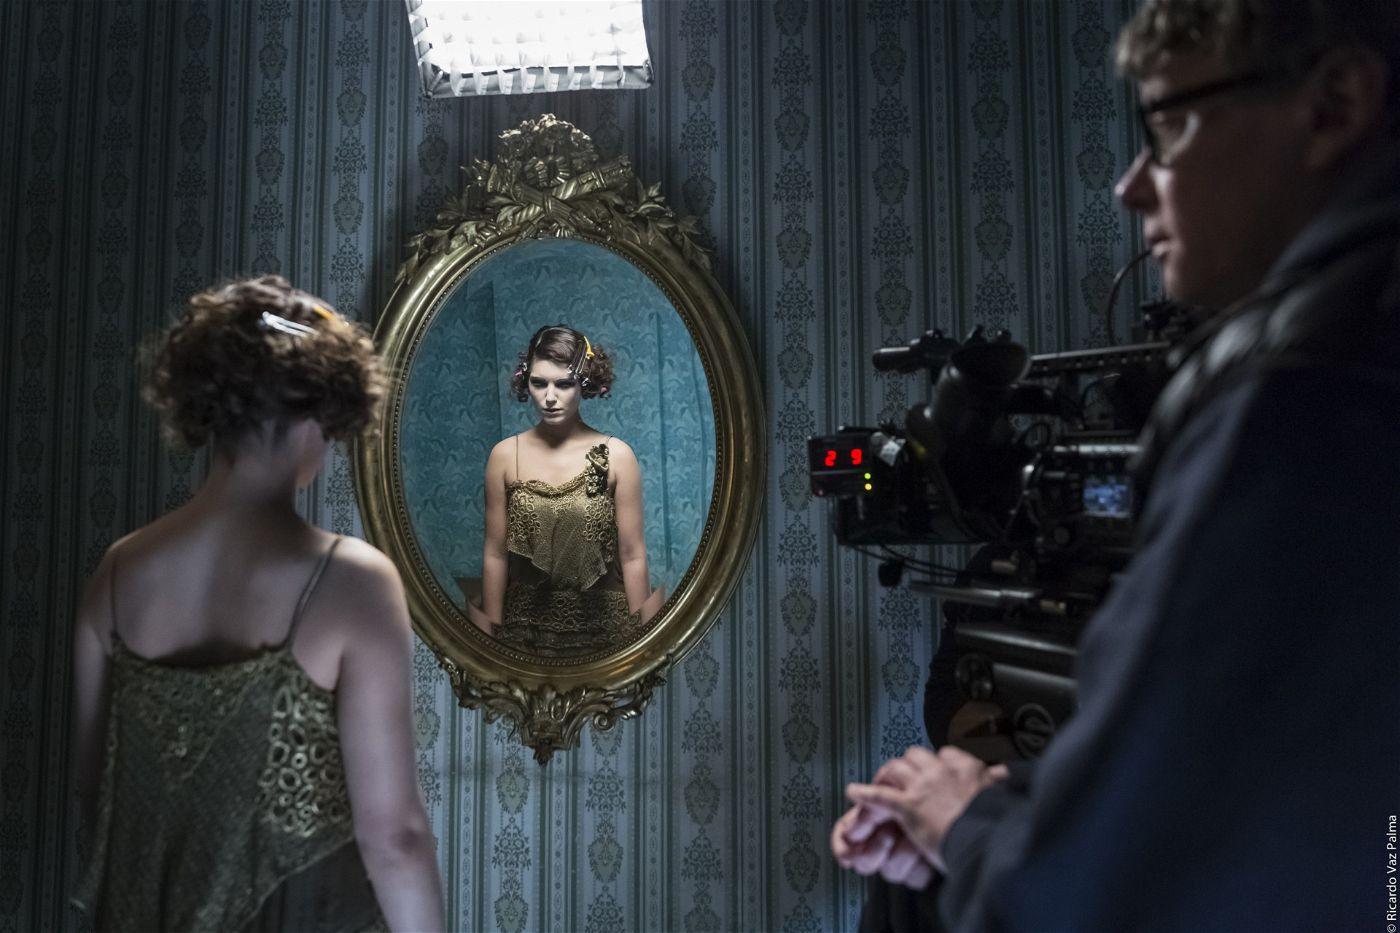 """ARTE strahlt noch 2018 die dokumentarische Drama-Serie """"18 – Krieg der Träume"""" aus und porträtiert Europa im Zweiten Weltkrieg."""